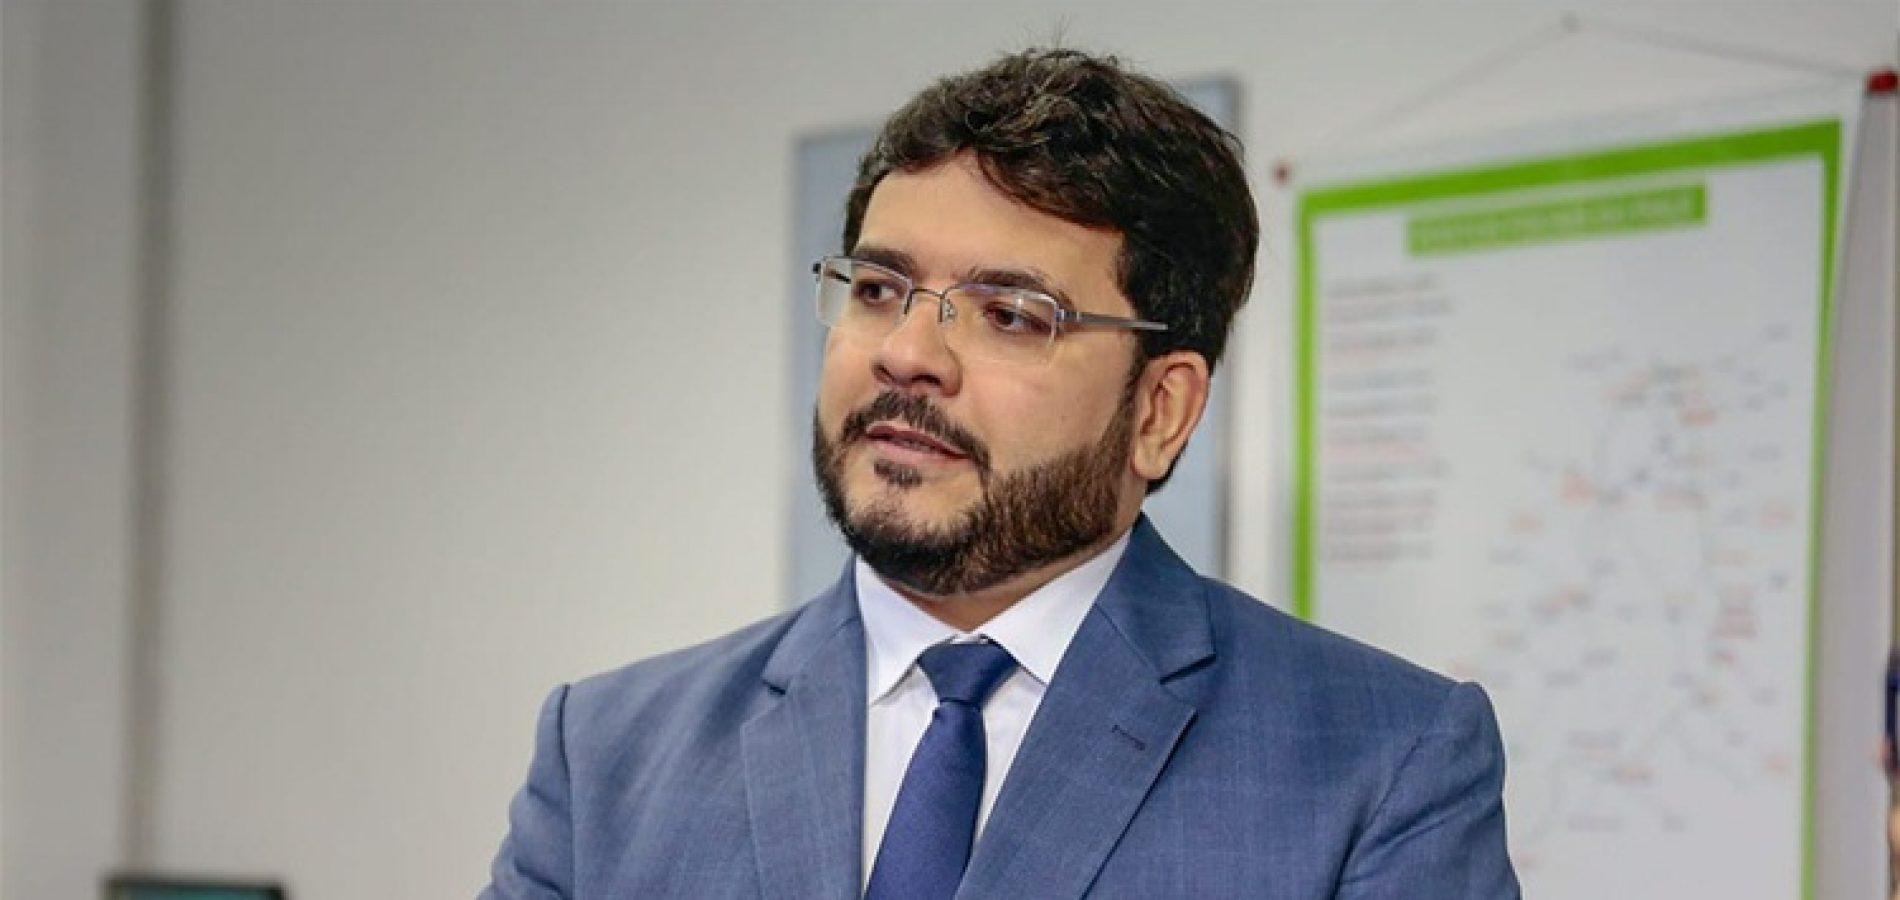 Piauí recebe precatório de R$ 1 bilhão e 600 milhões do Fundef após 10 anos de luta